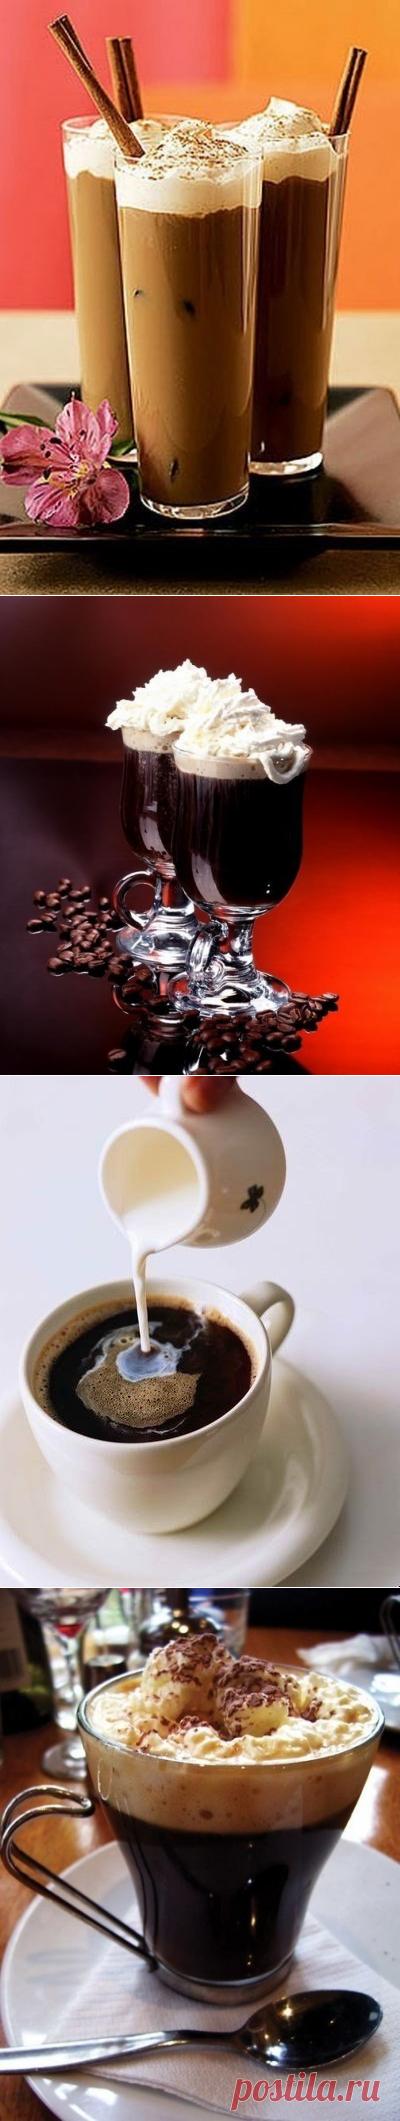 Кофе. Топ 6 - рецептов